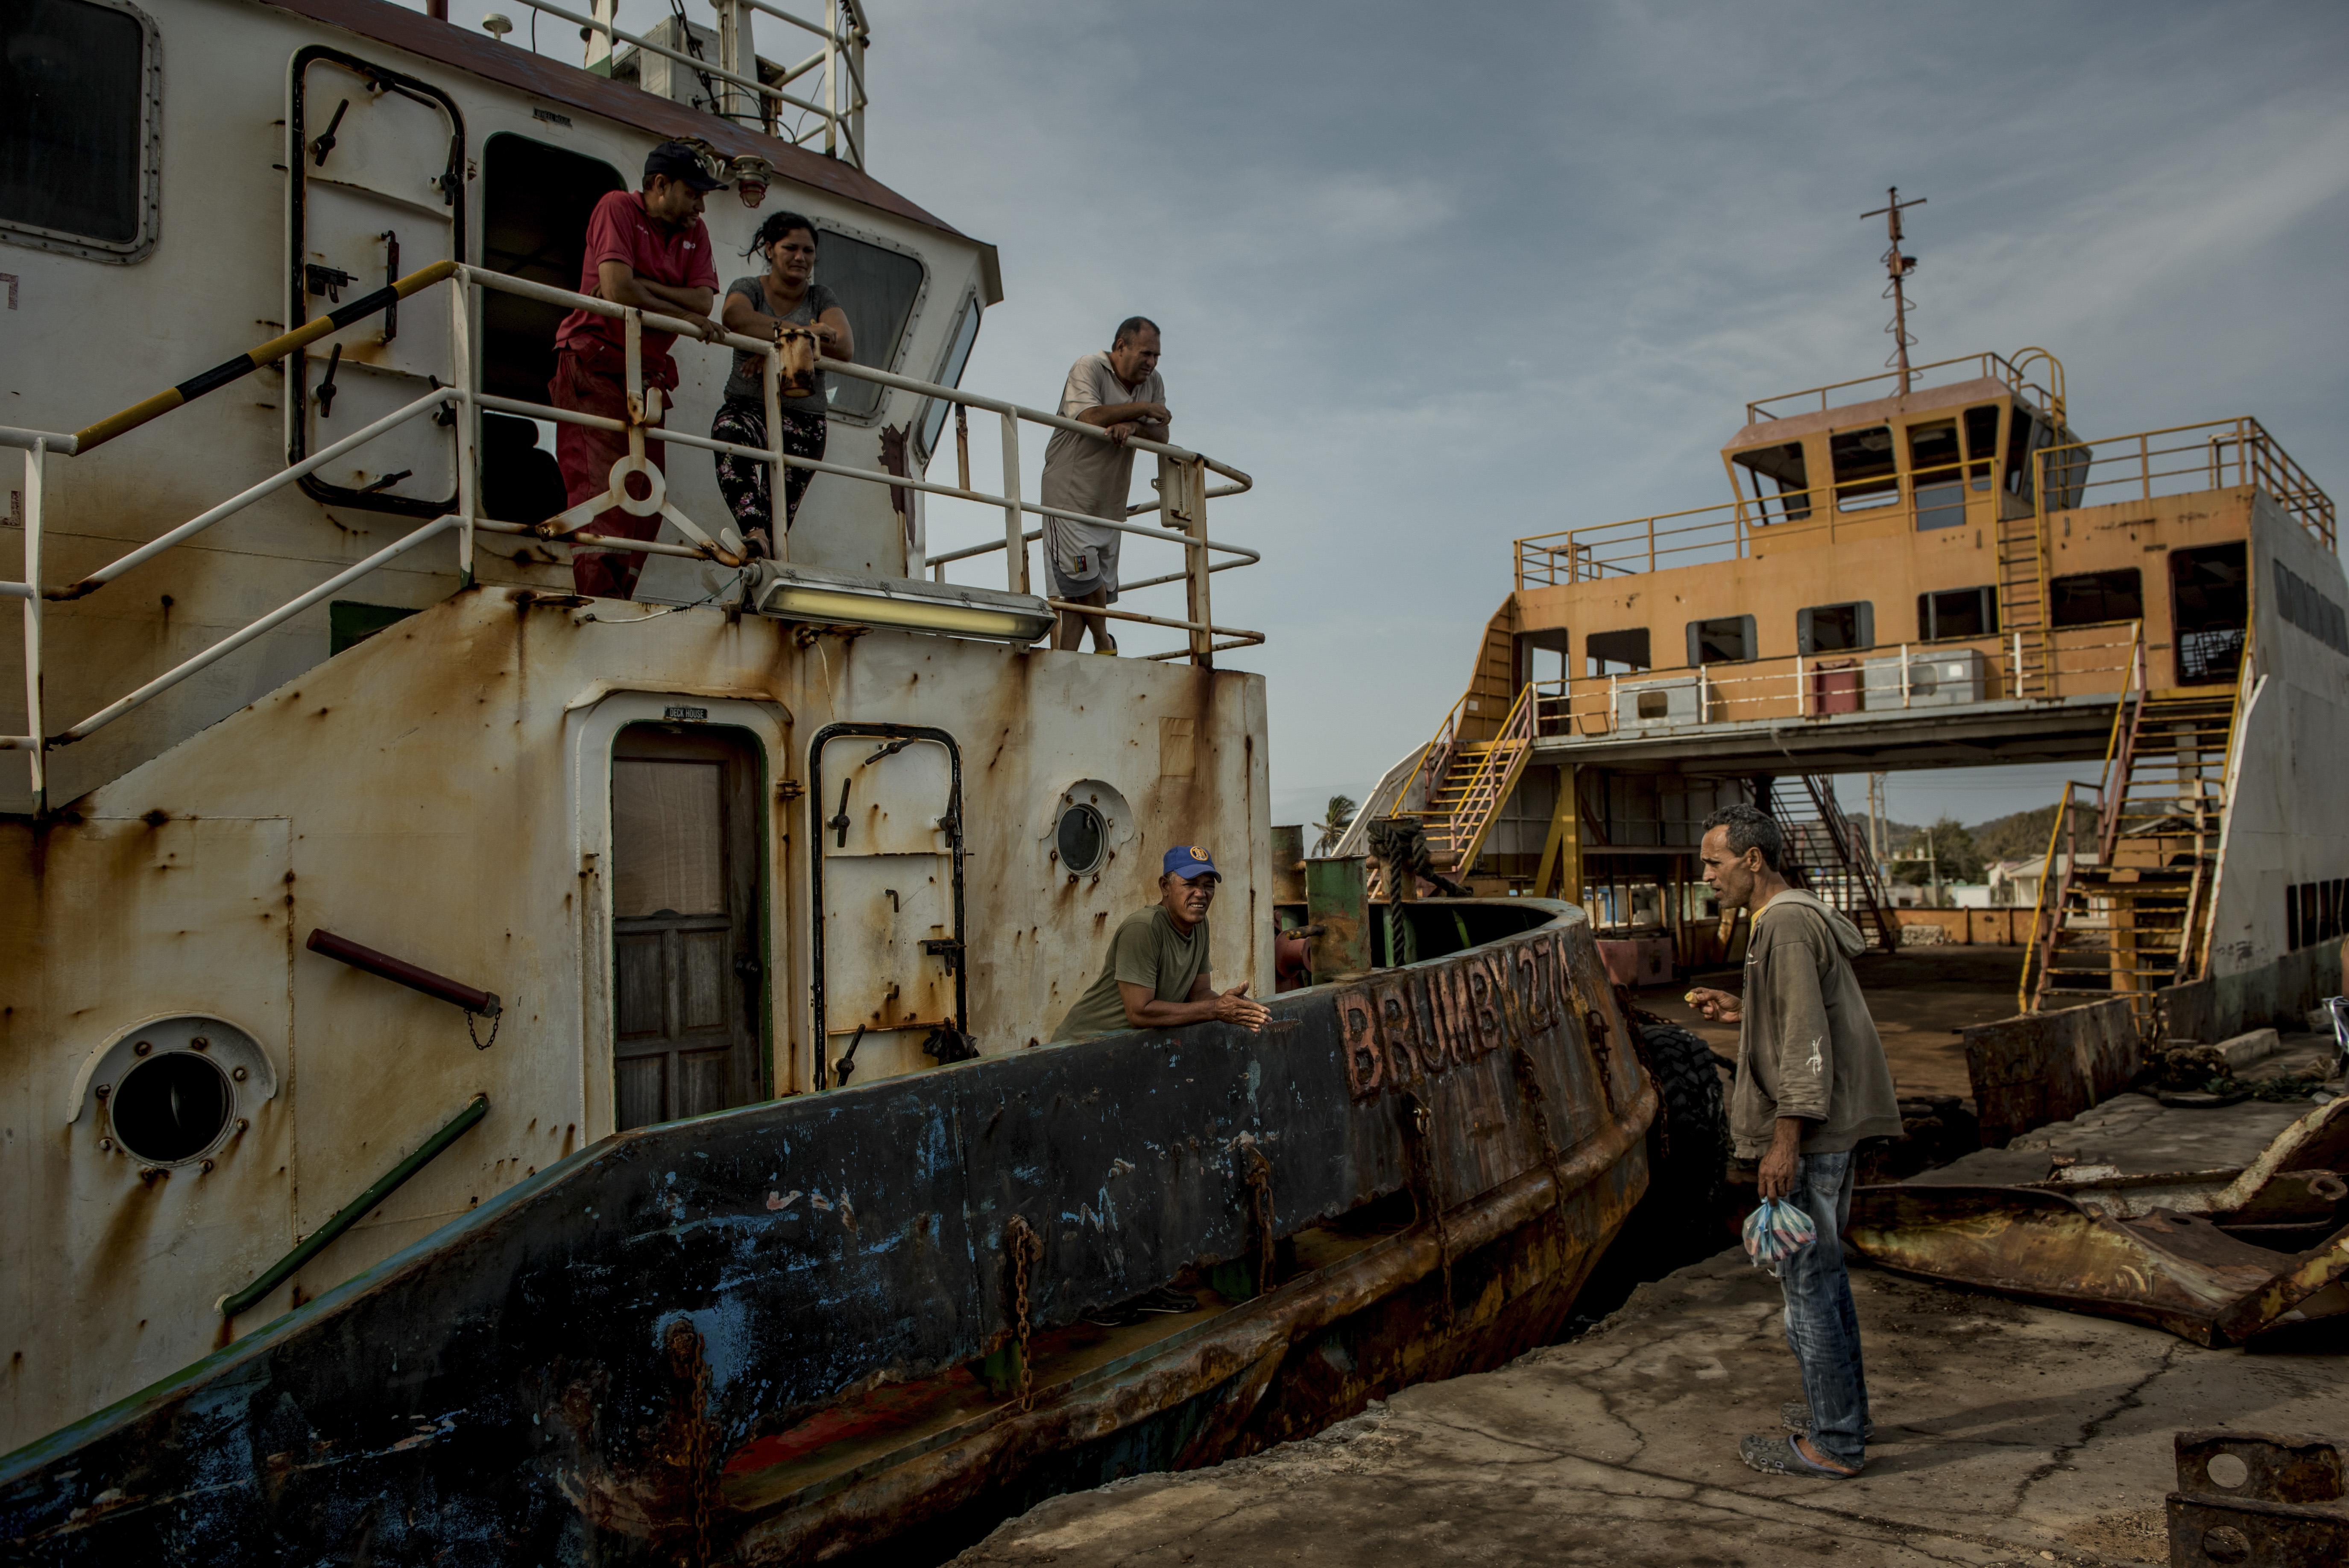 Un barco petrolero arrastra el ferry oxidado desde la Isla de Toas hacia el continente para conseguir escasas cantidades de alimentos subsidiados. . (Meridith Kohut/The New York Times)